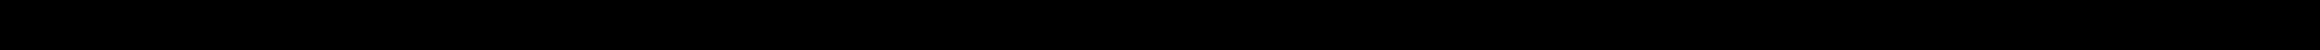 DENSO 60569957, 0 032 134, 0 032 135, 12 12 0 032 134, 12 12 0 032 135 Zapaľovacia sviečka